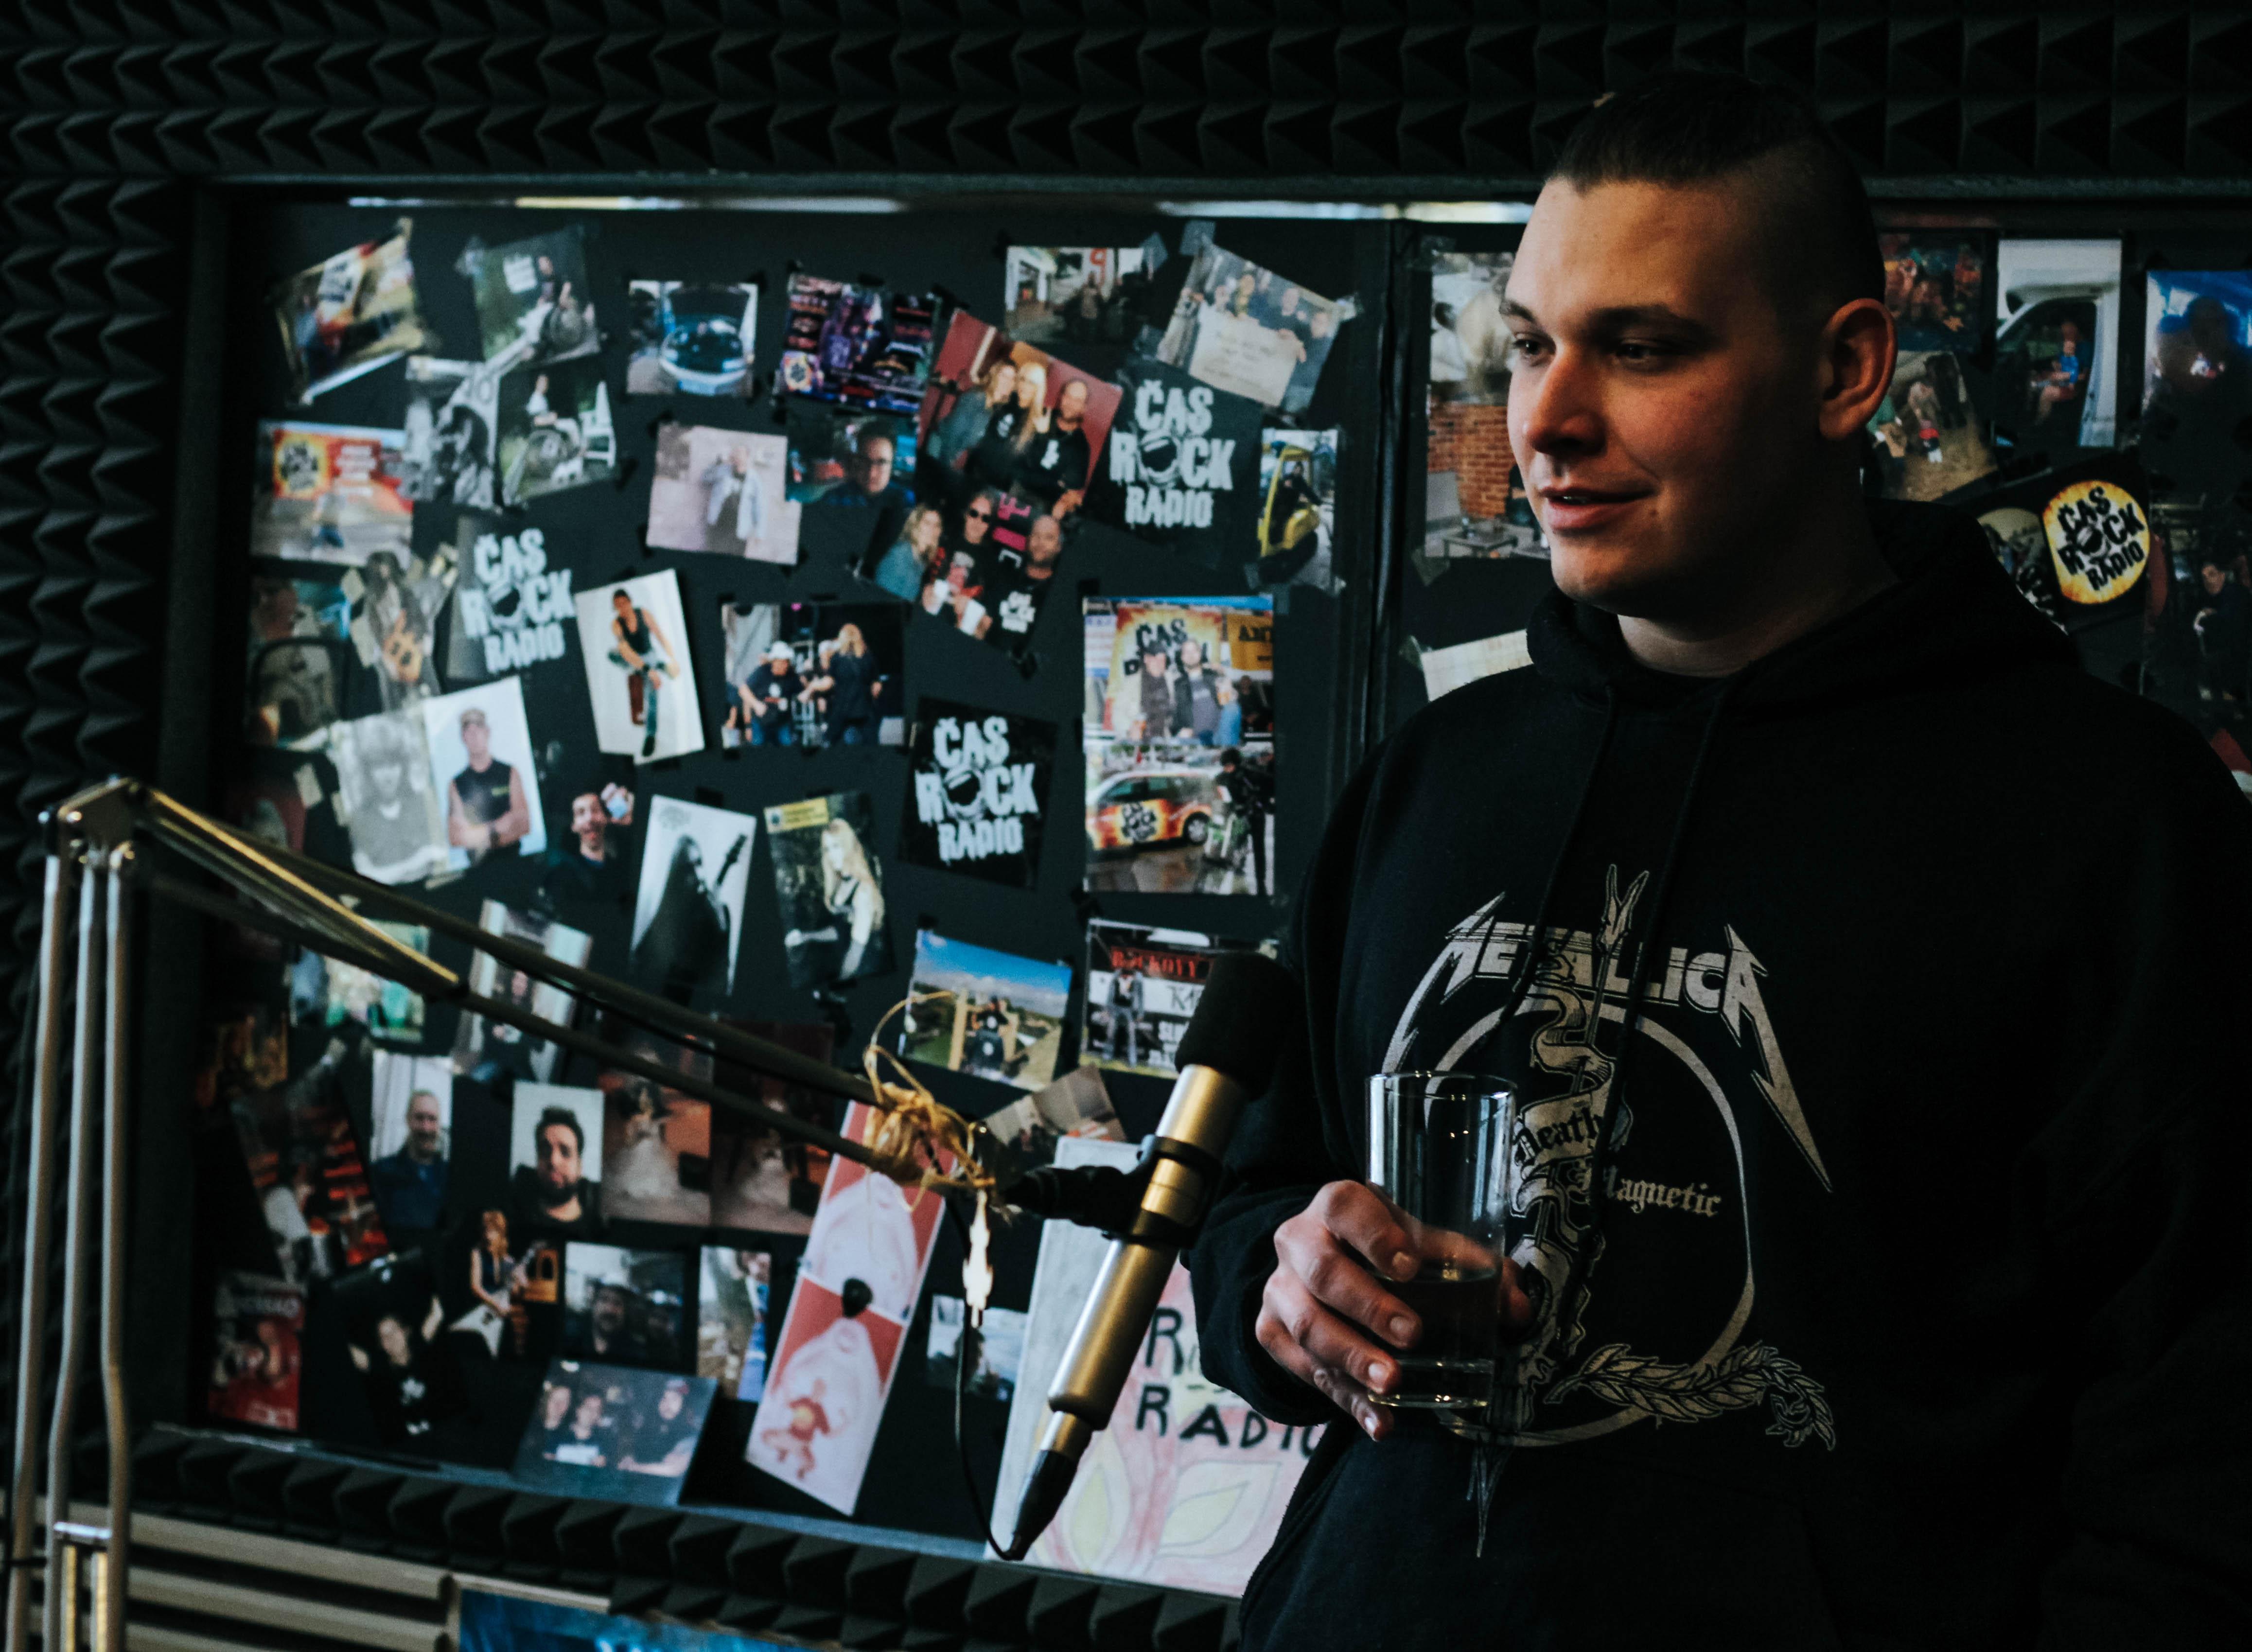 Jiří Štraub